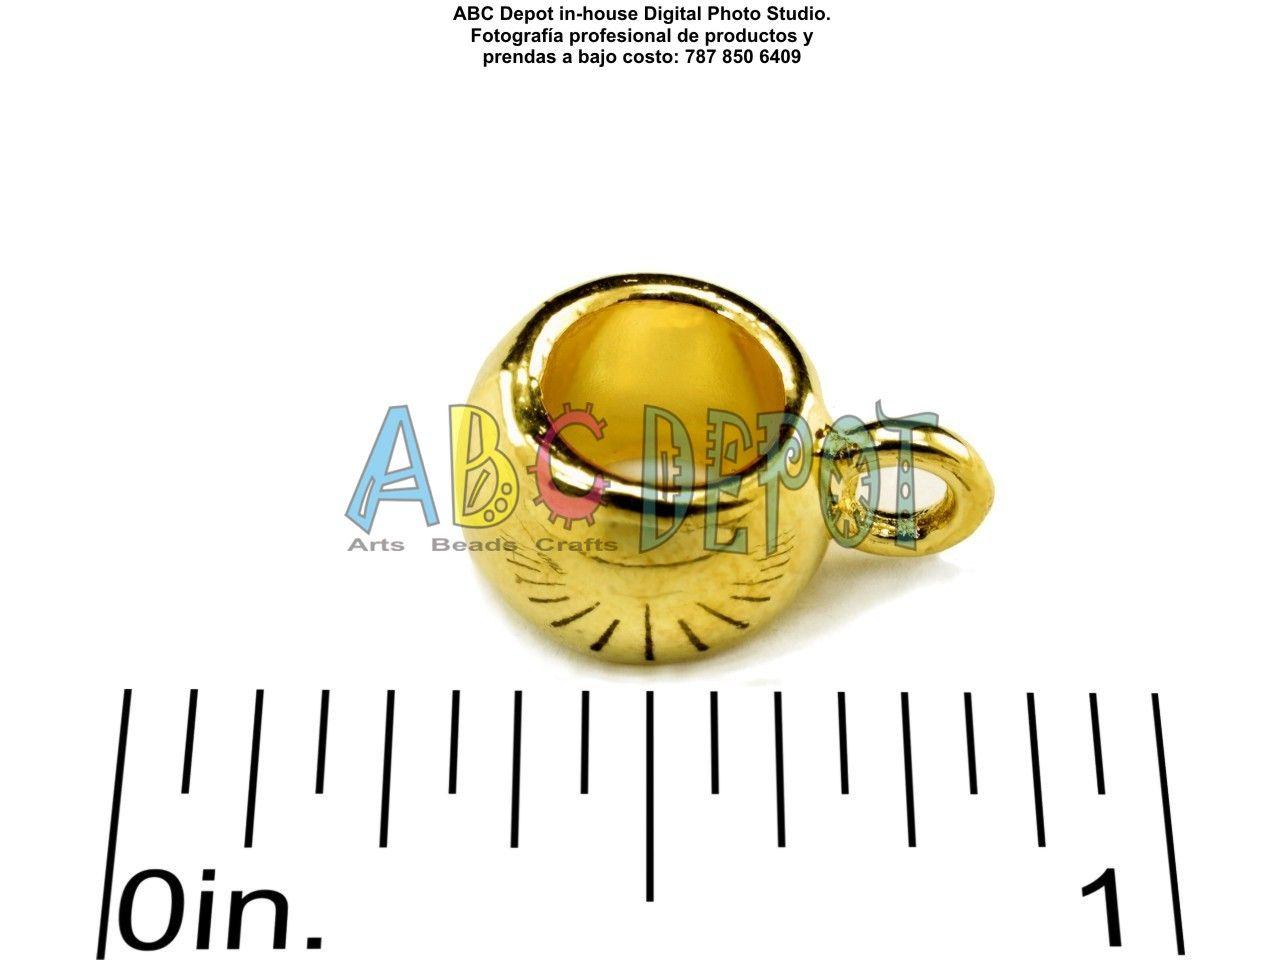 Rondelle en metal libre de plomo y cadmio de 13.5x10mm para hilo o cuero de hasta 5mm y argolla. Color oro.  Código: LRP135